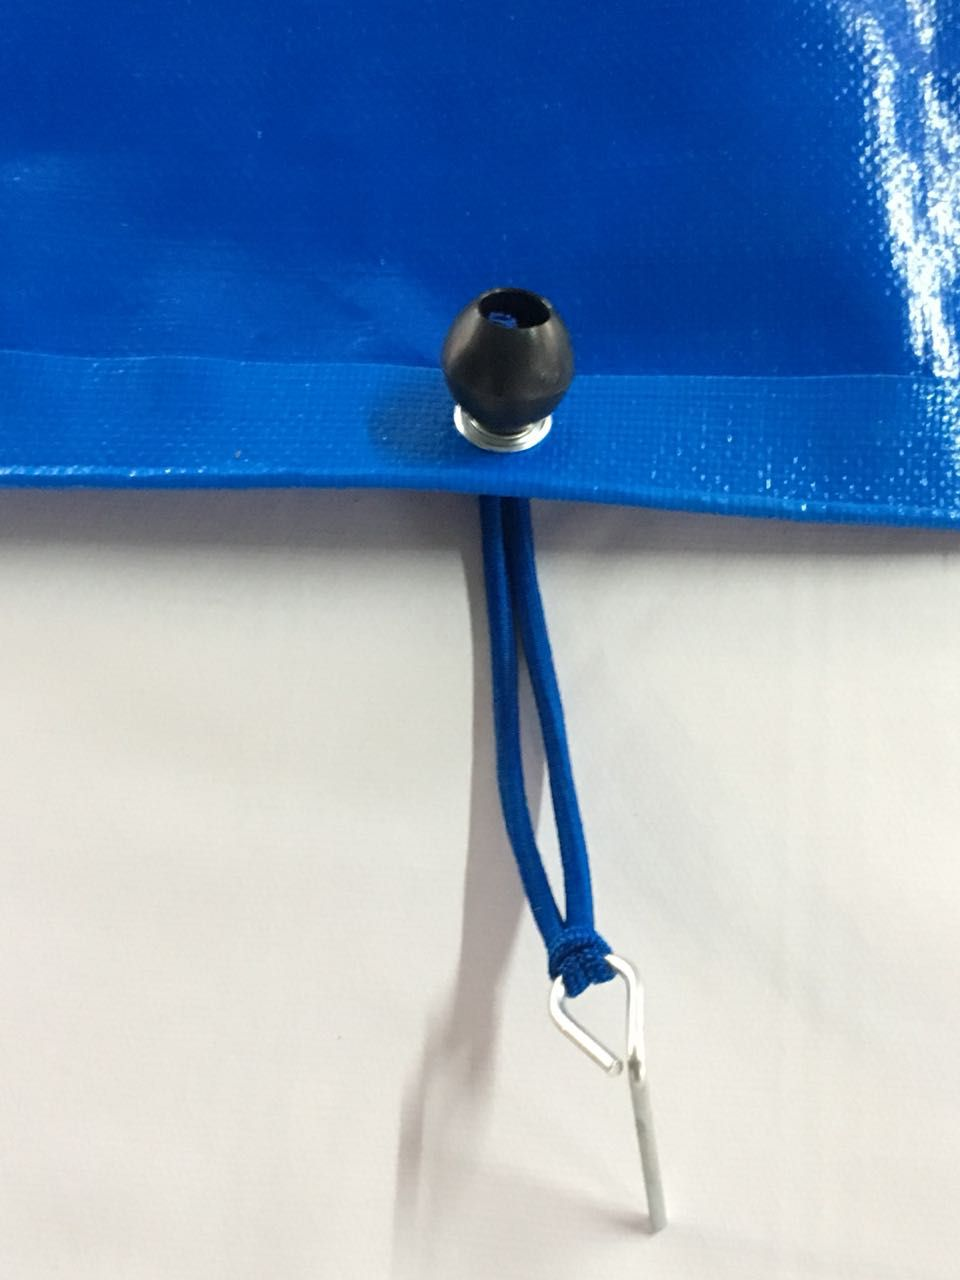 Capa para Piscina SL 500 Azul Completa com Acessórios Pinos e Extensores 7x3,5 m